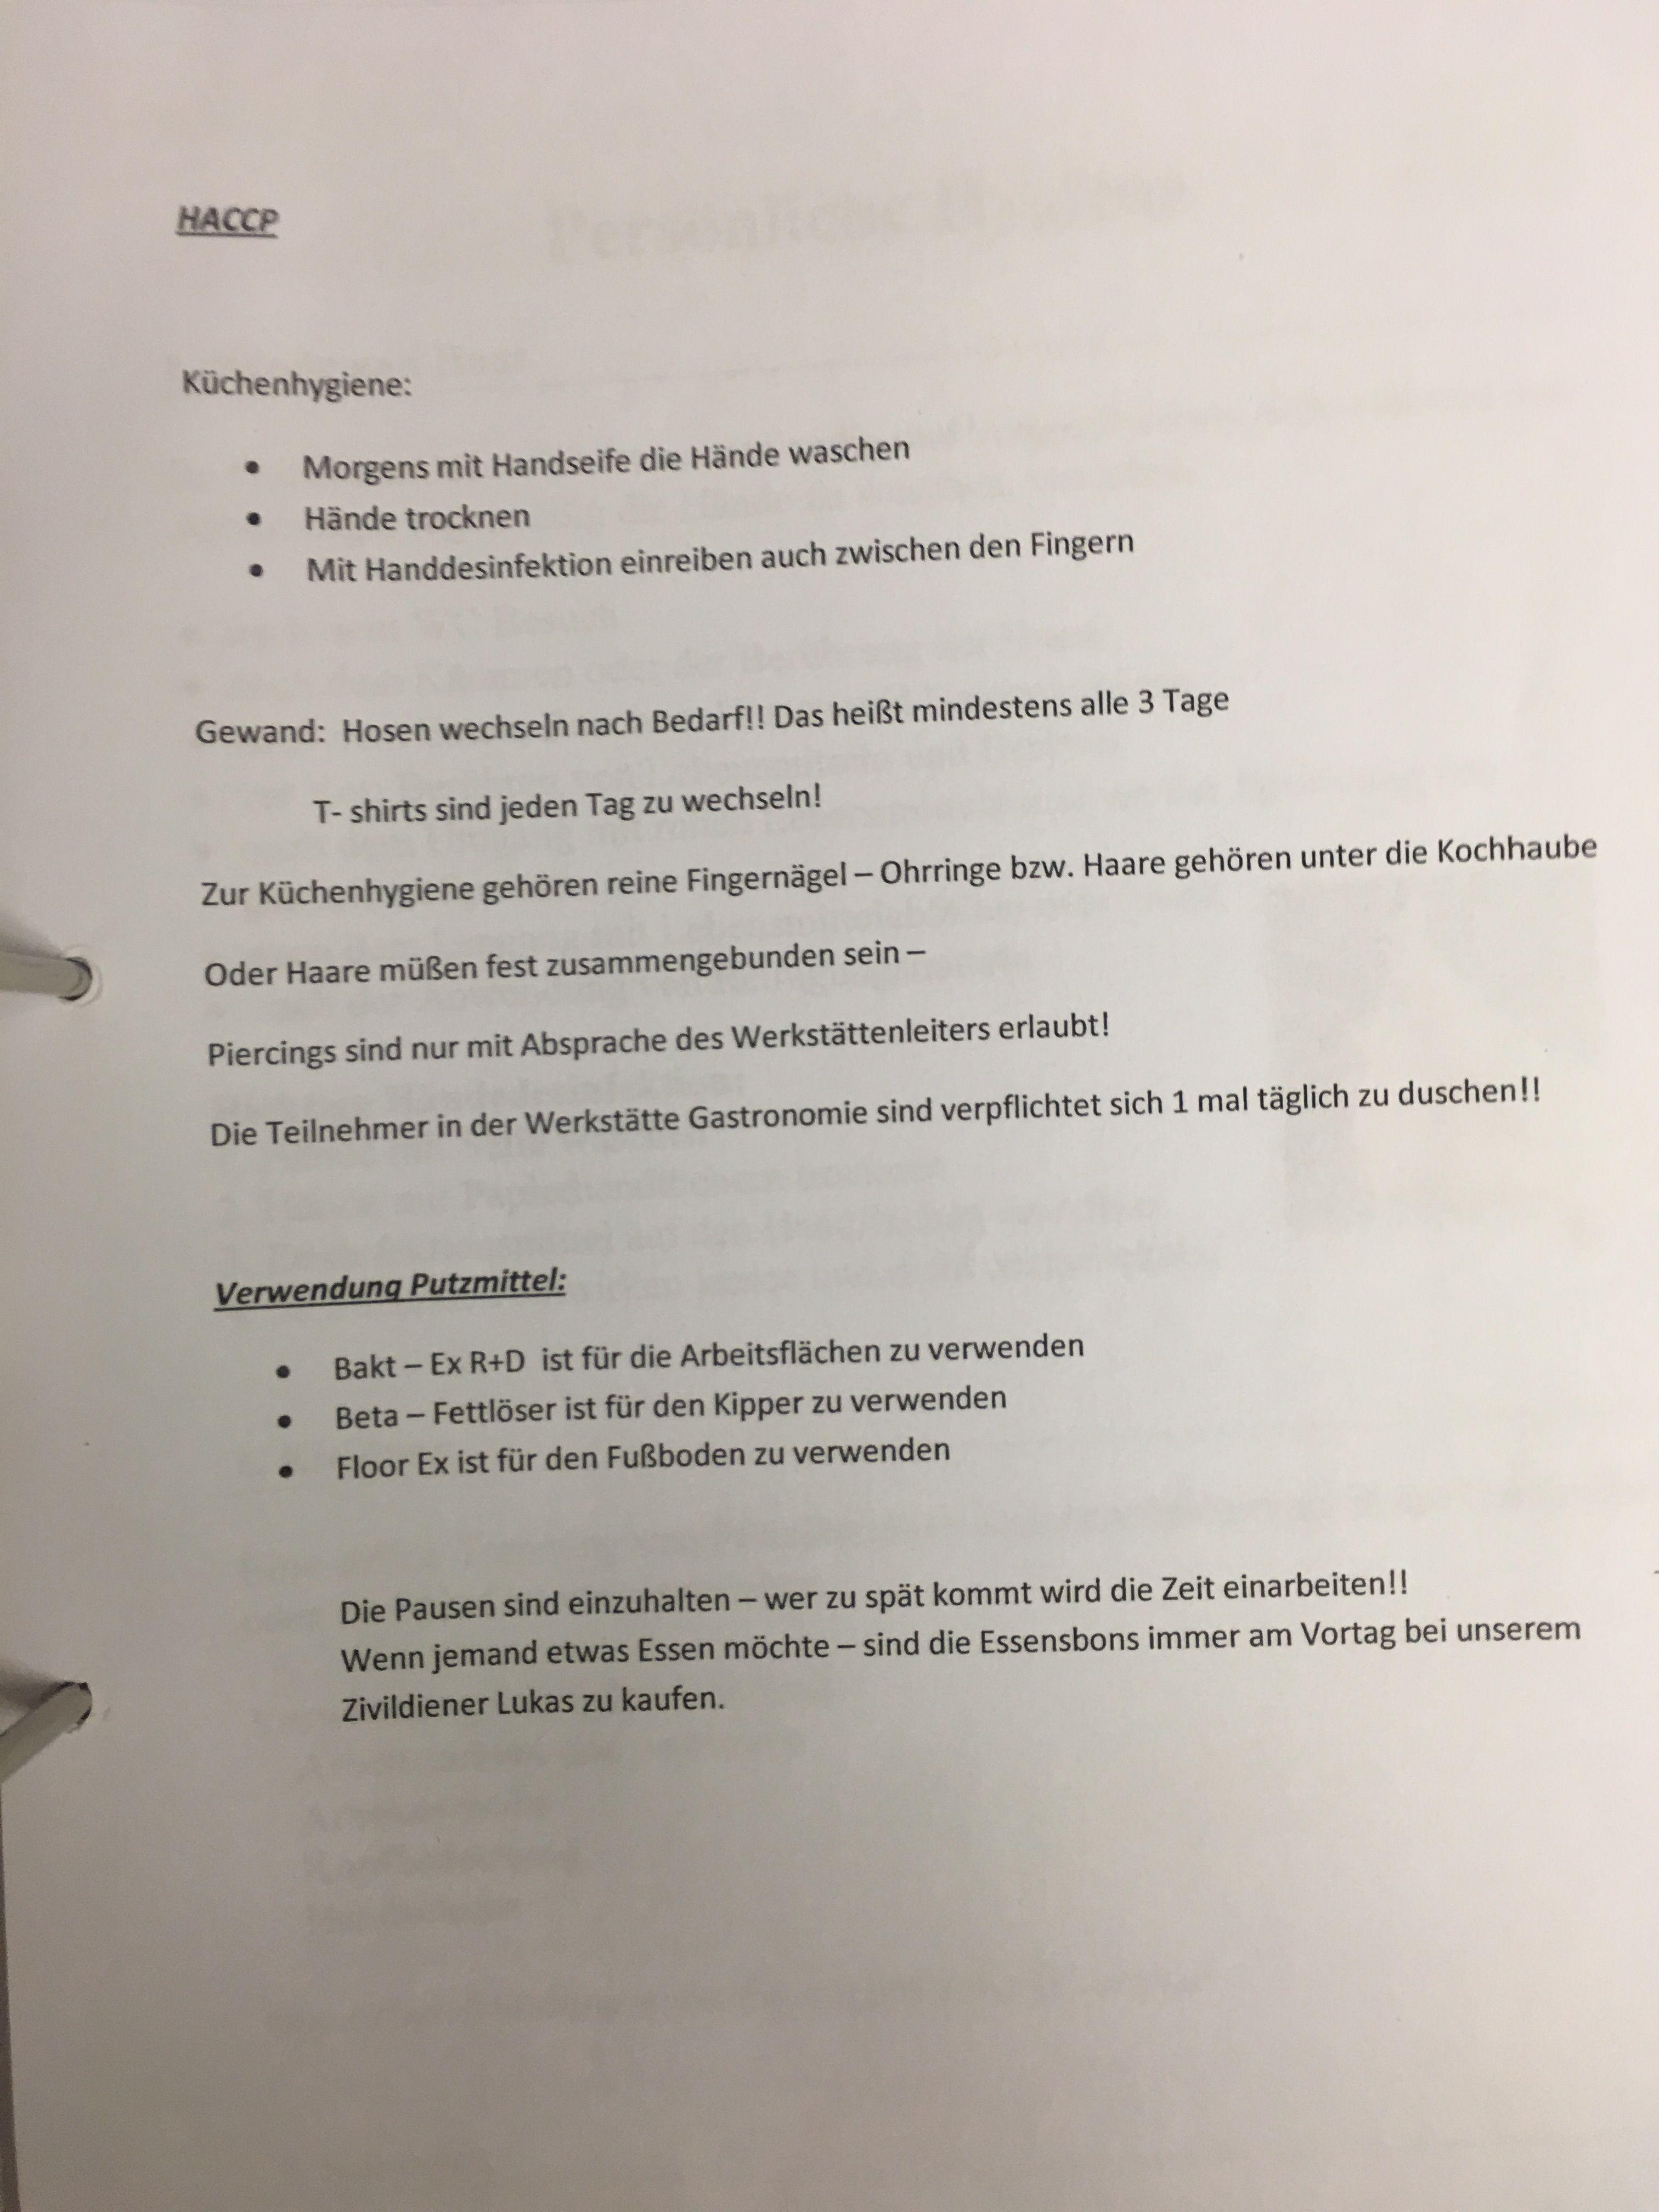 Pin Von Annablochl Auf Alles Zum Lernen Handseife Ohrringe